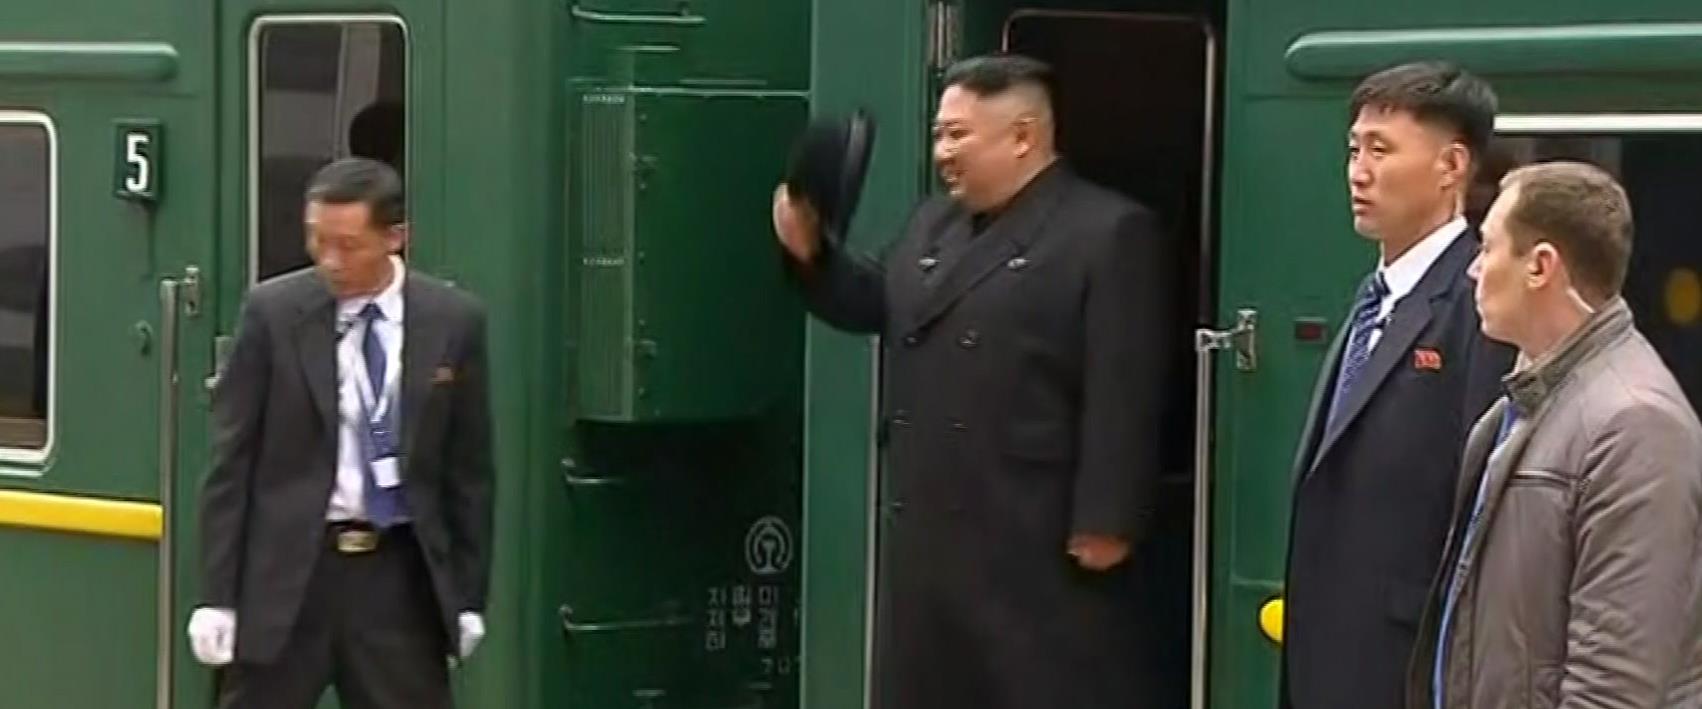 קים ג'ונג און יורד מהרכבת ברוסיה